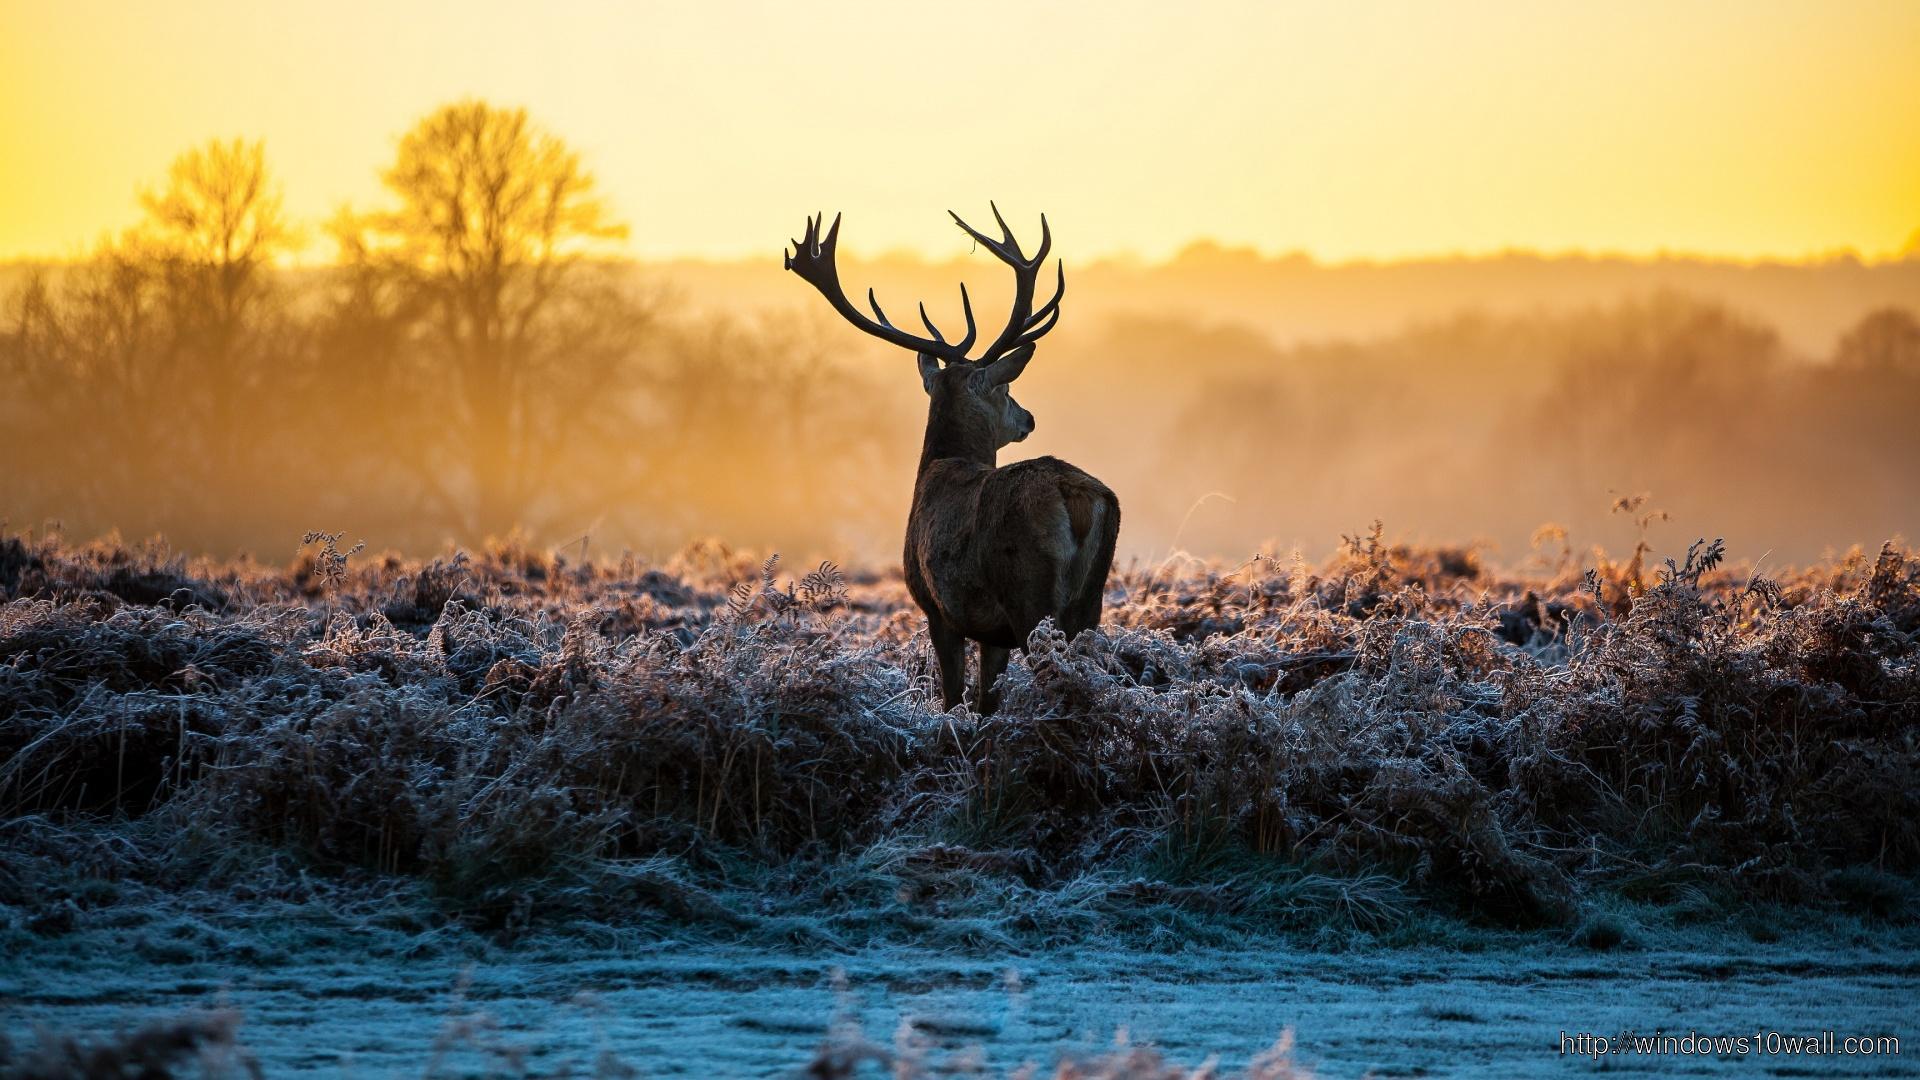 deer-for-iphone-5-wallpaper